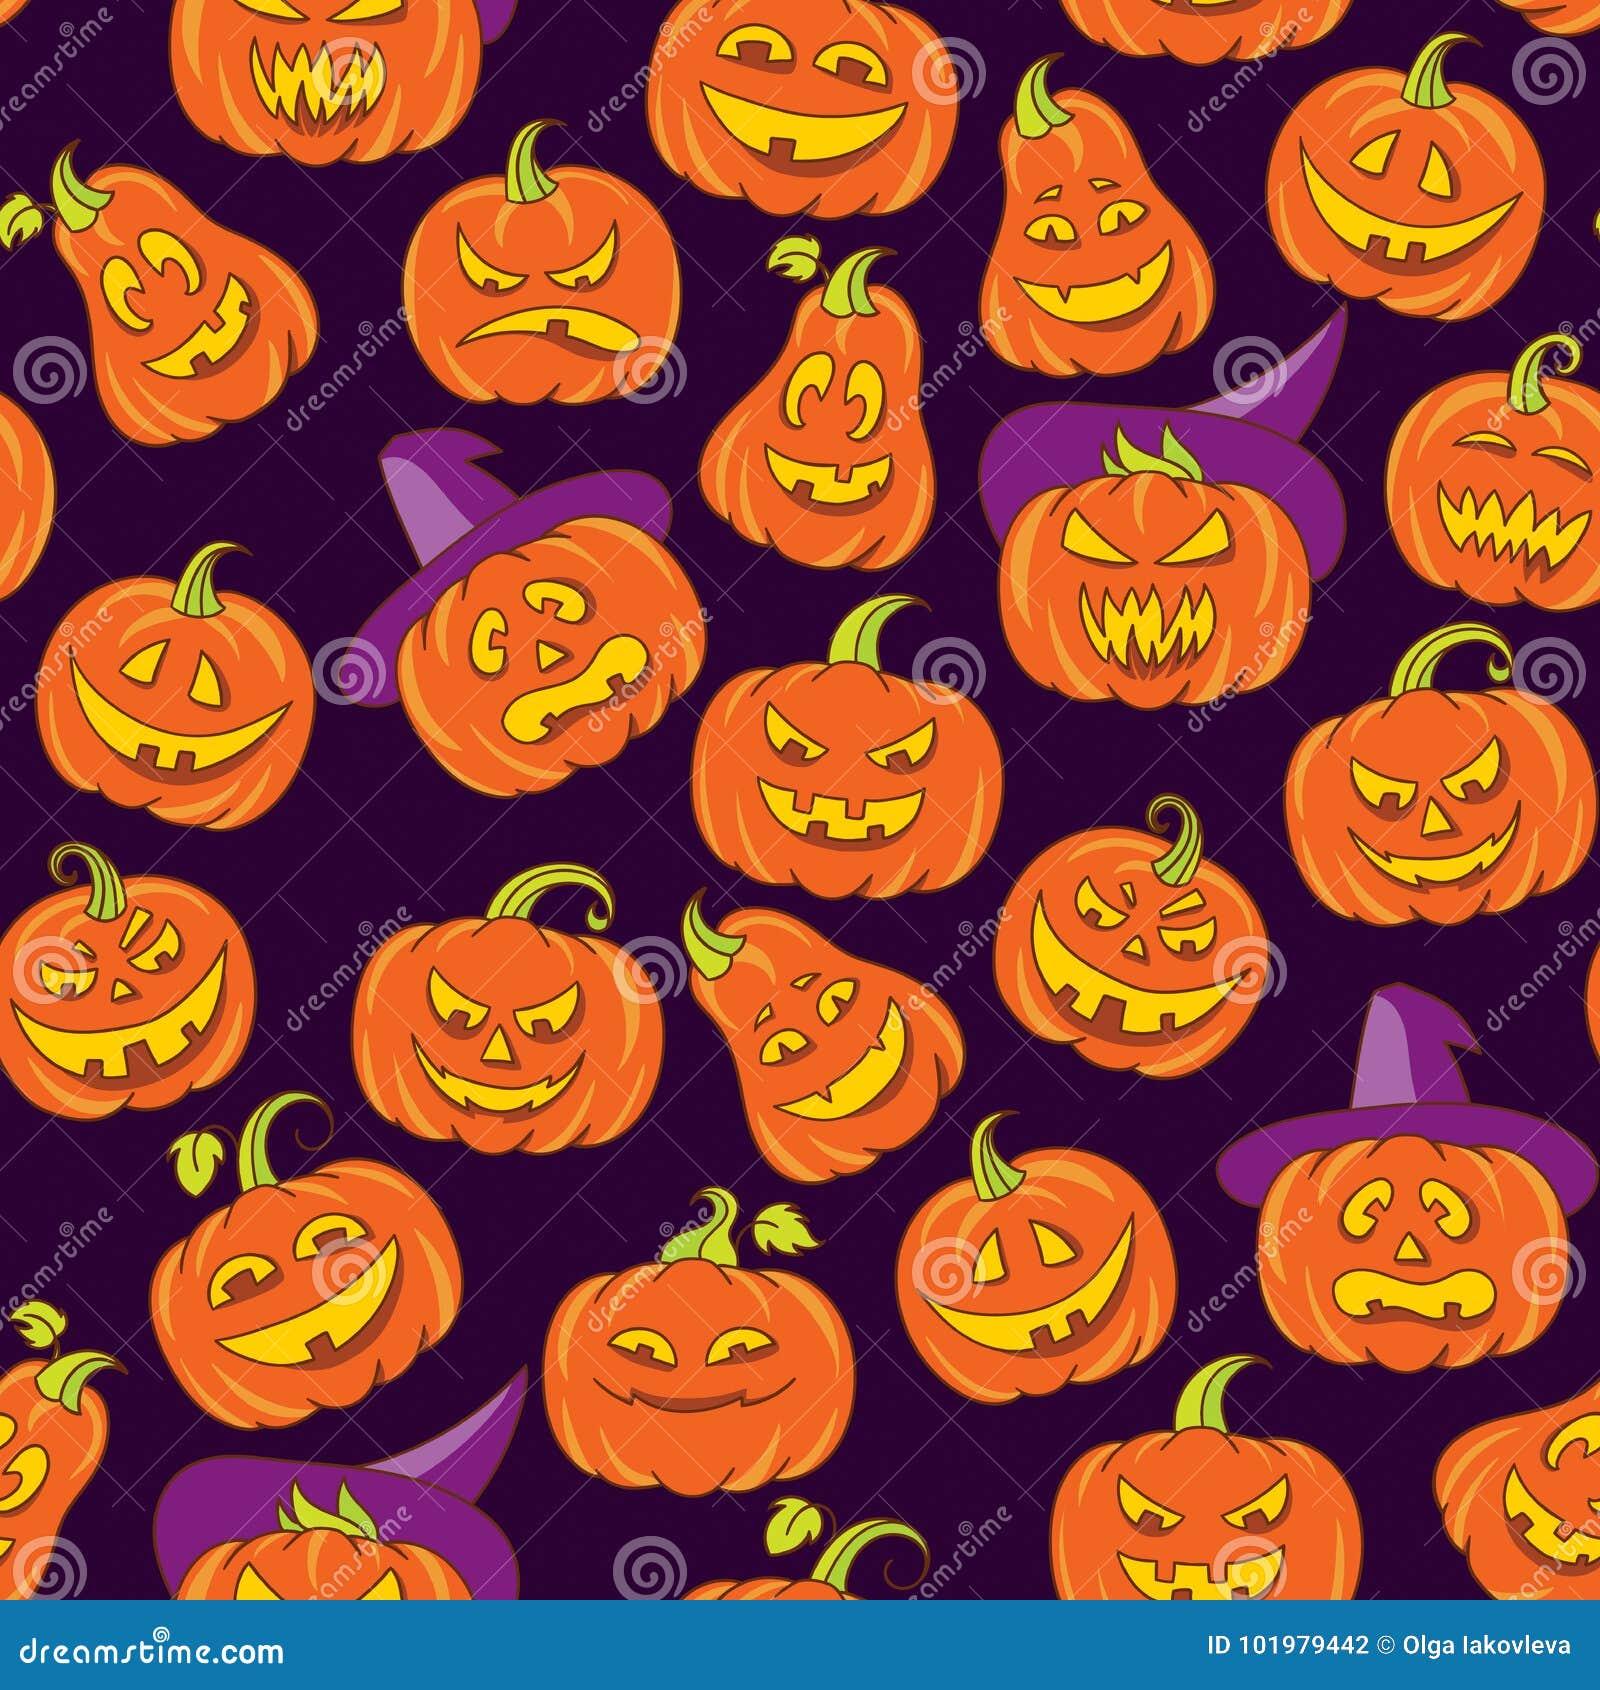 Halloweenowych strasznych bani wektorowy bezszwowy wzór Ciemny purpurowy tło z pomarańczowymi śmiesznymi twarzami w doodle stylu